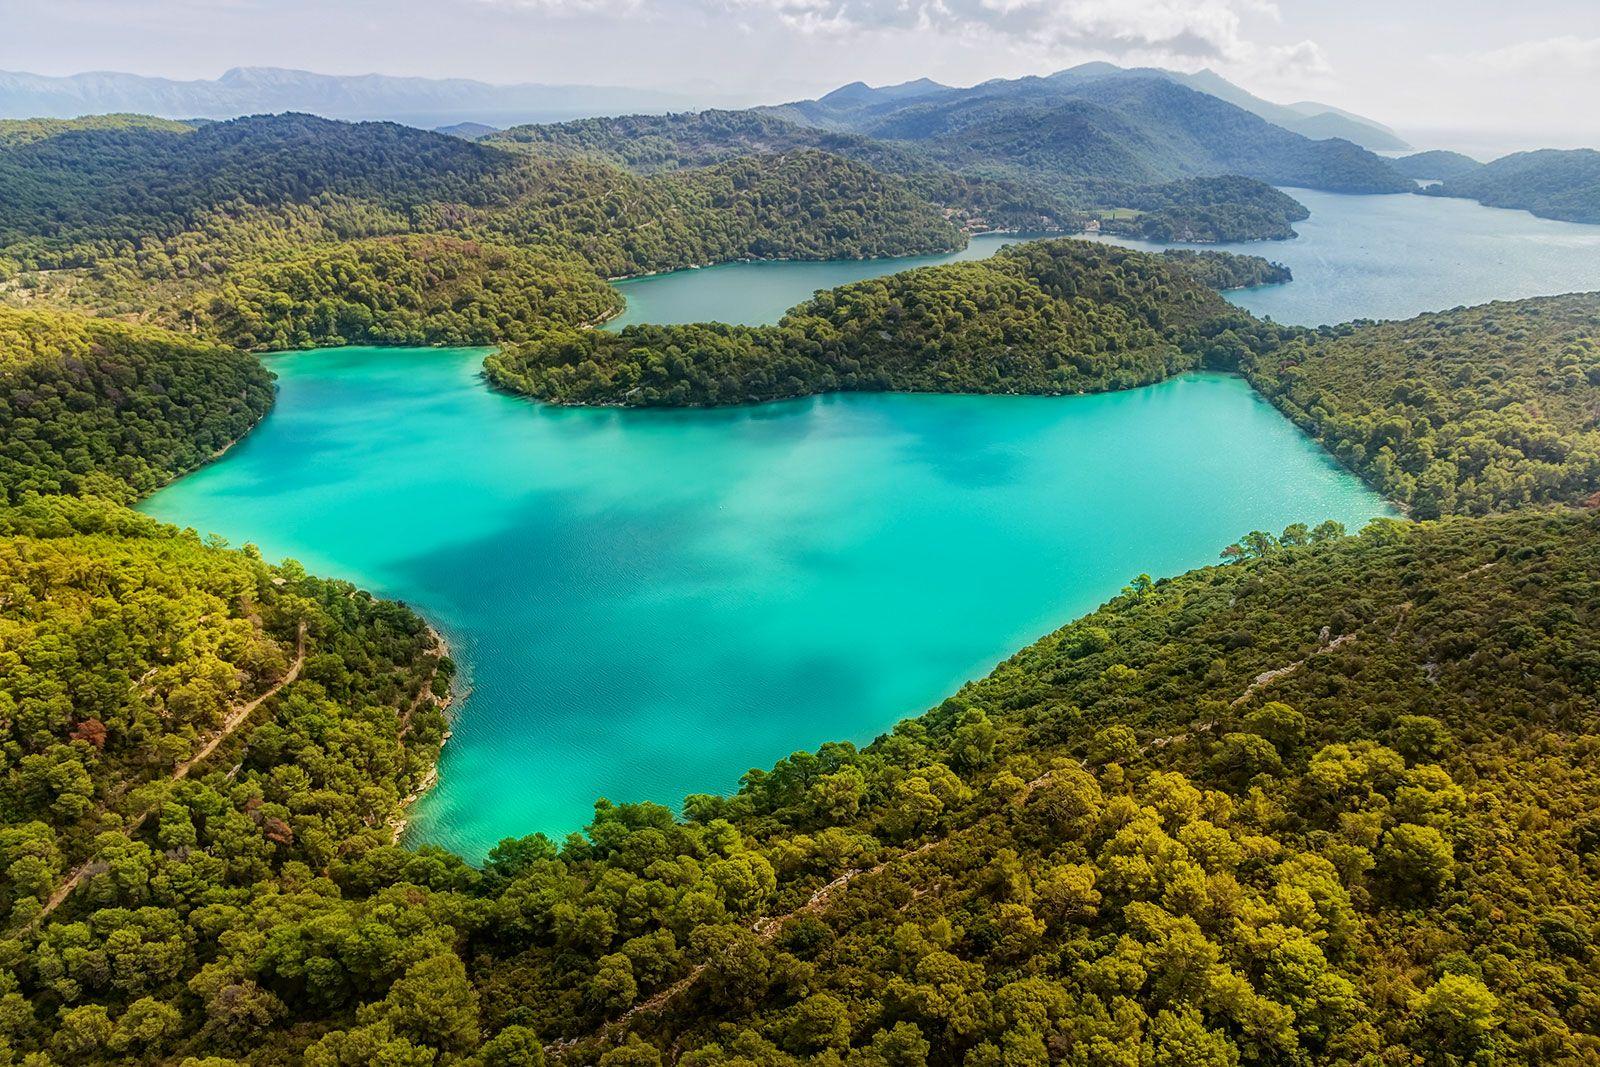 Read more about the article Mljetska jezera druga najbolja plaža u Europi po izboru Telegrapha